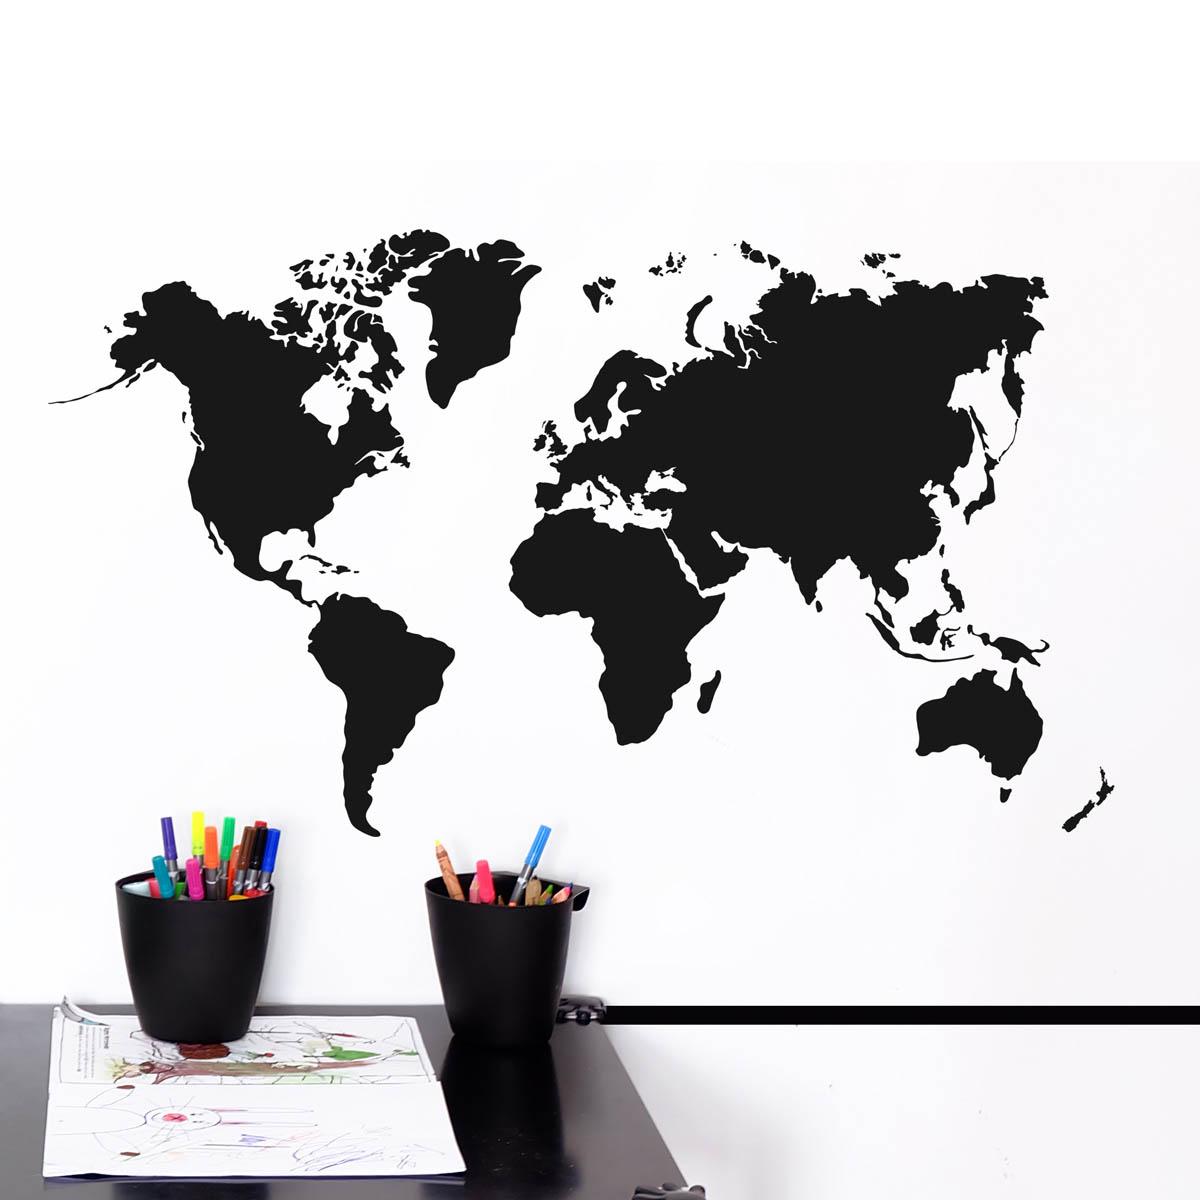 Naklejka ścienna do pokoju dziecięcego, nastolatka - mapa świata czarna tablicowa